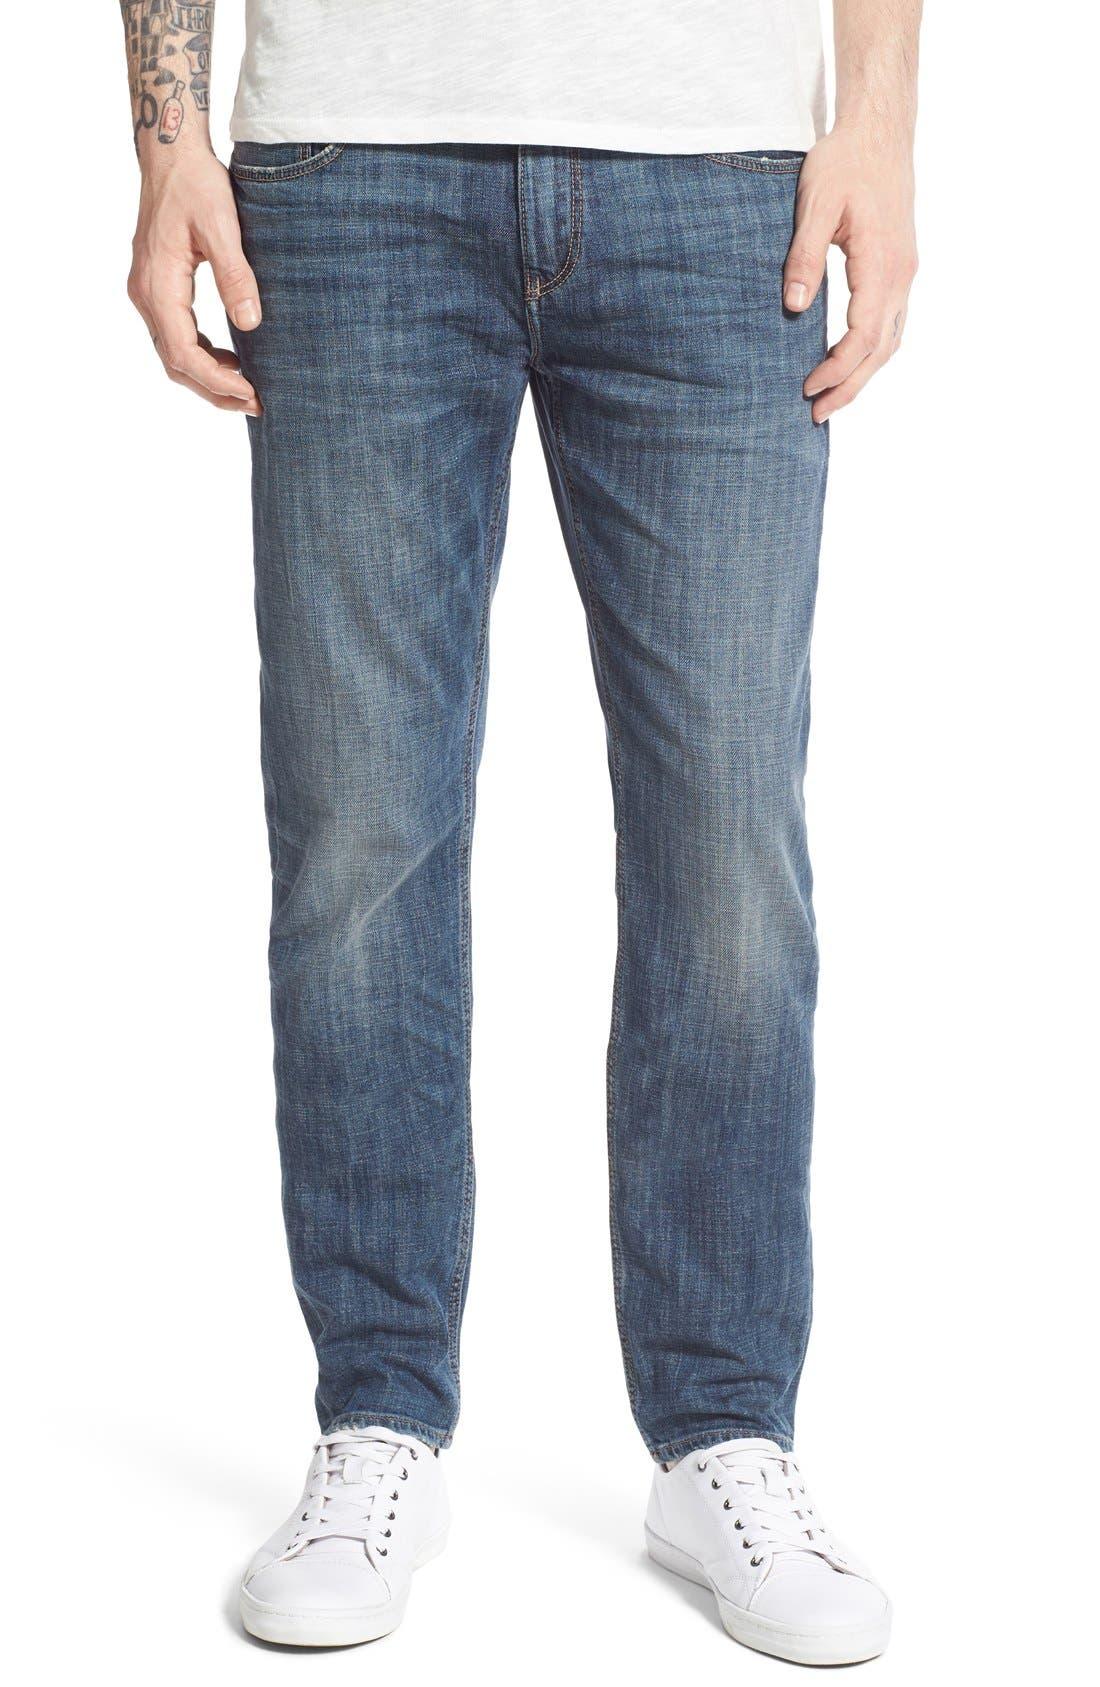 Alternate Image 1 Selected - Treasure&Bond Slim Fit Jeans (Medium Twilight Wash)